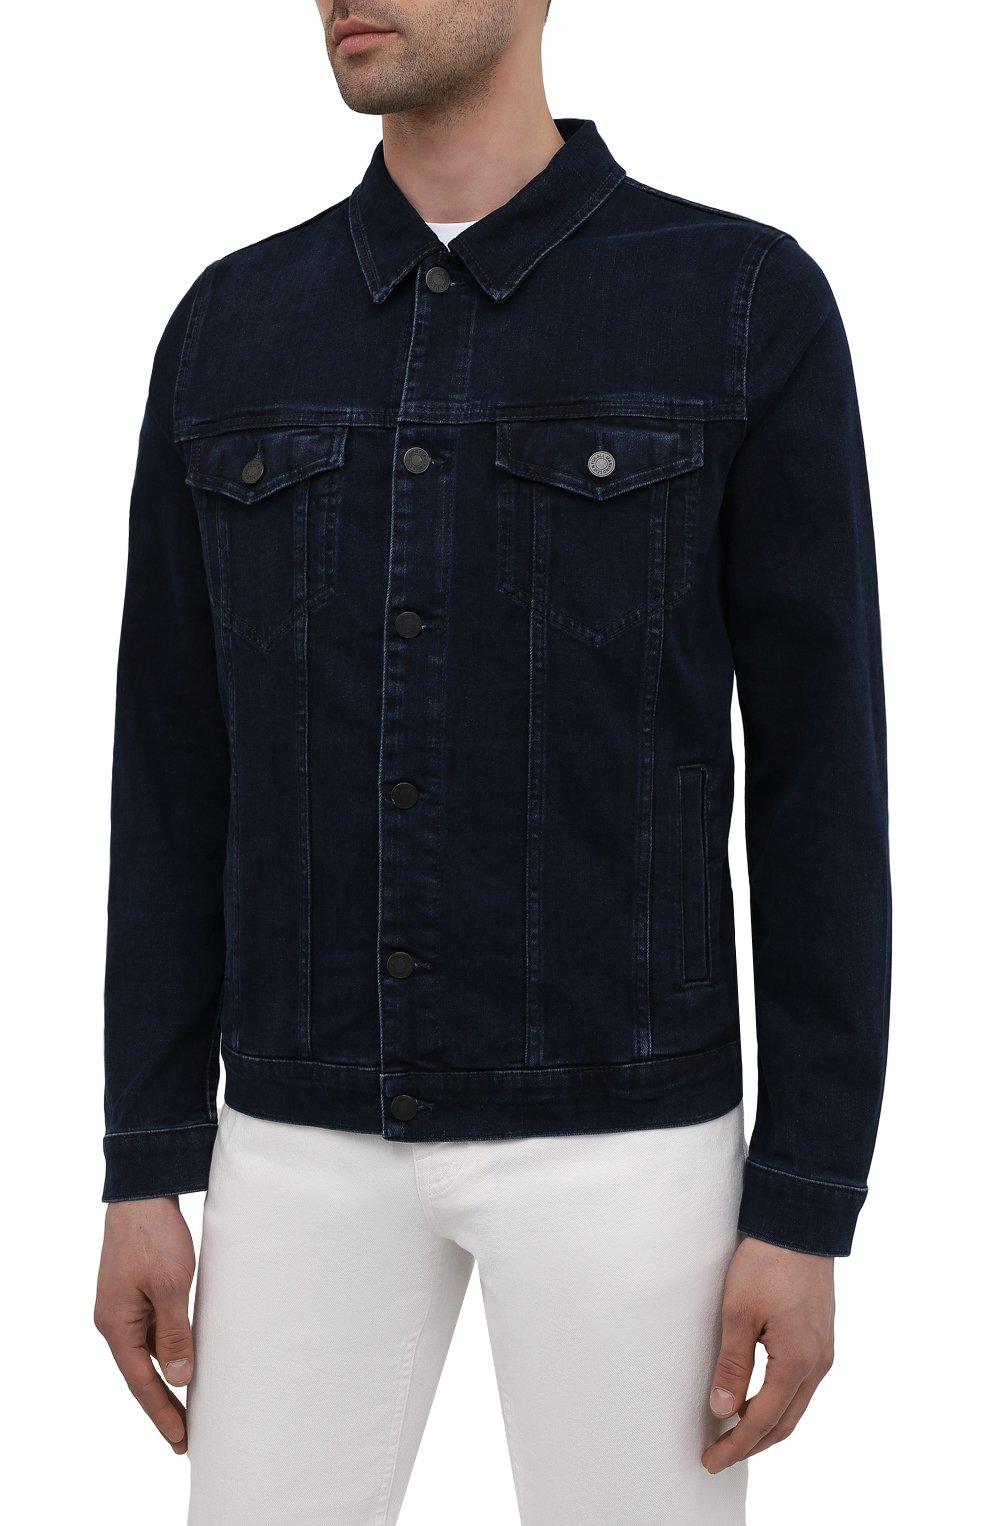 Мужская джинсовая куртка 7 FOR ALL MANKIND синего цвета, арт. JSK5R460LL | Фото 3 (Кросс-КТ: Куртка; Рукава: Длинные; Материал внешний: Хлопок, Деним; Длина (верхняя одежда): Короткие; Стили: Кэжуэл)